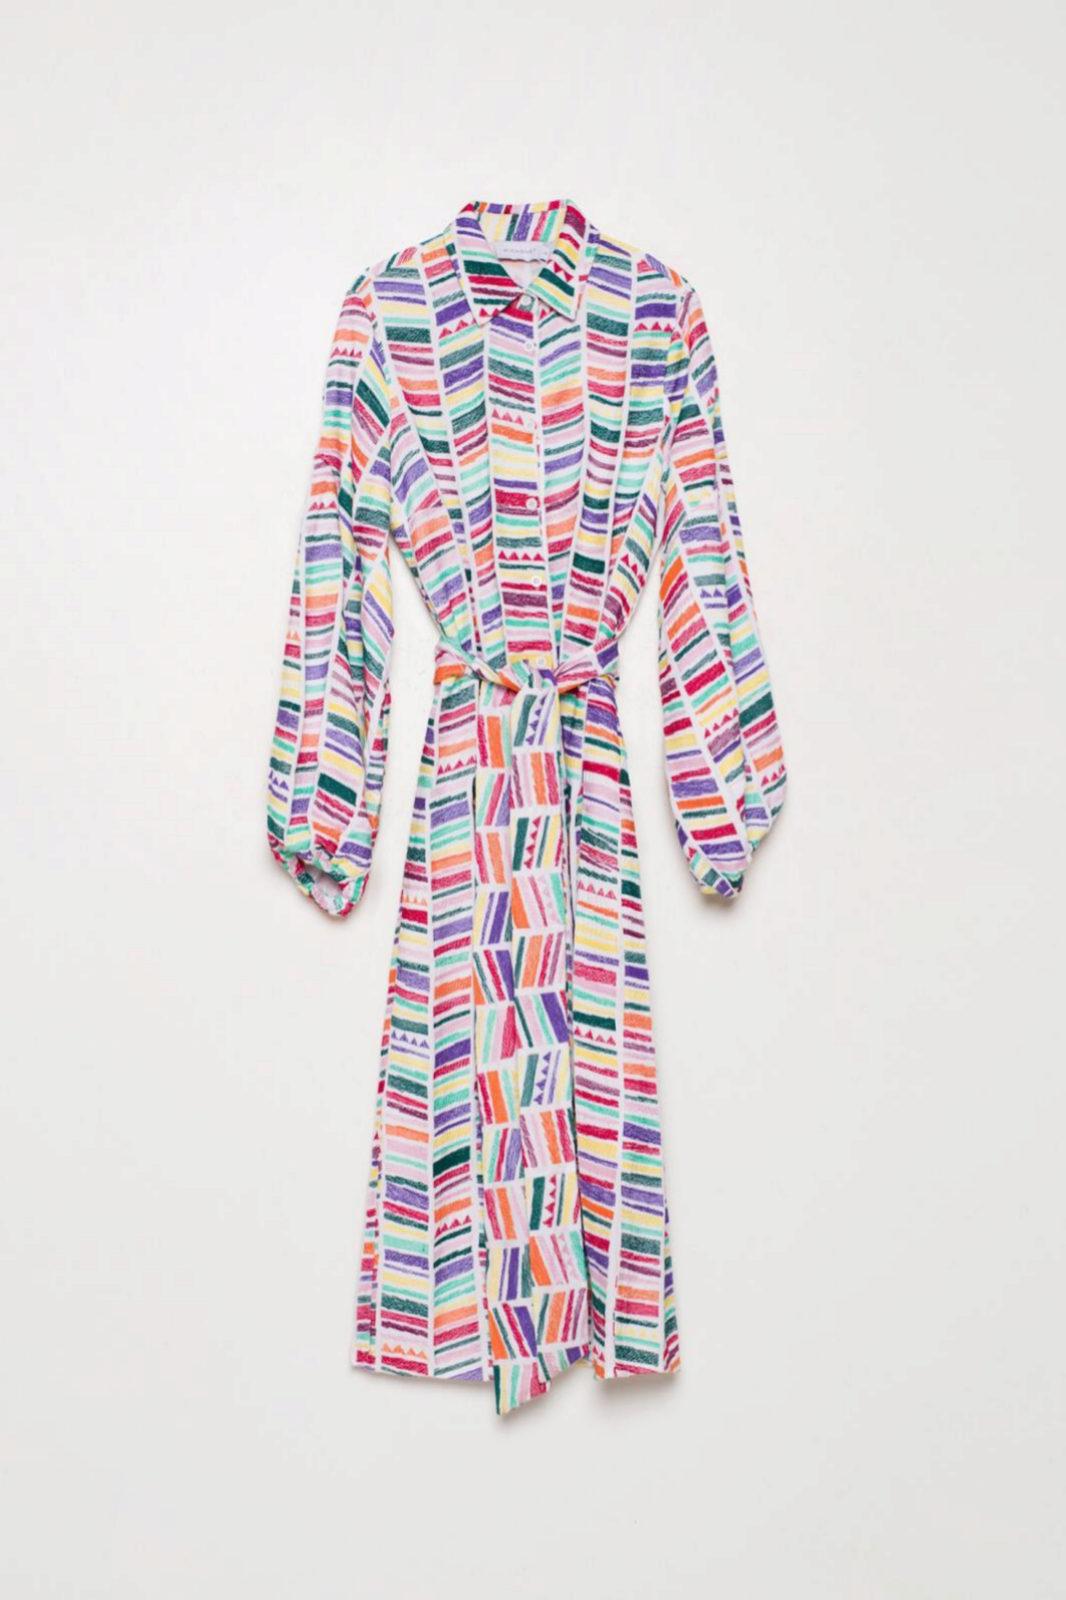 Vestido camisero con estampado étnico multicolor de Michonet